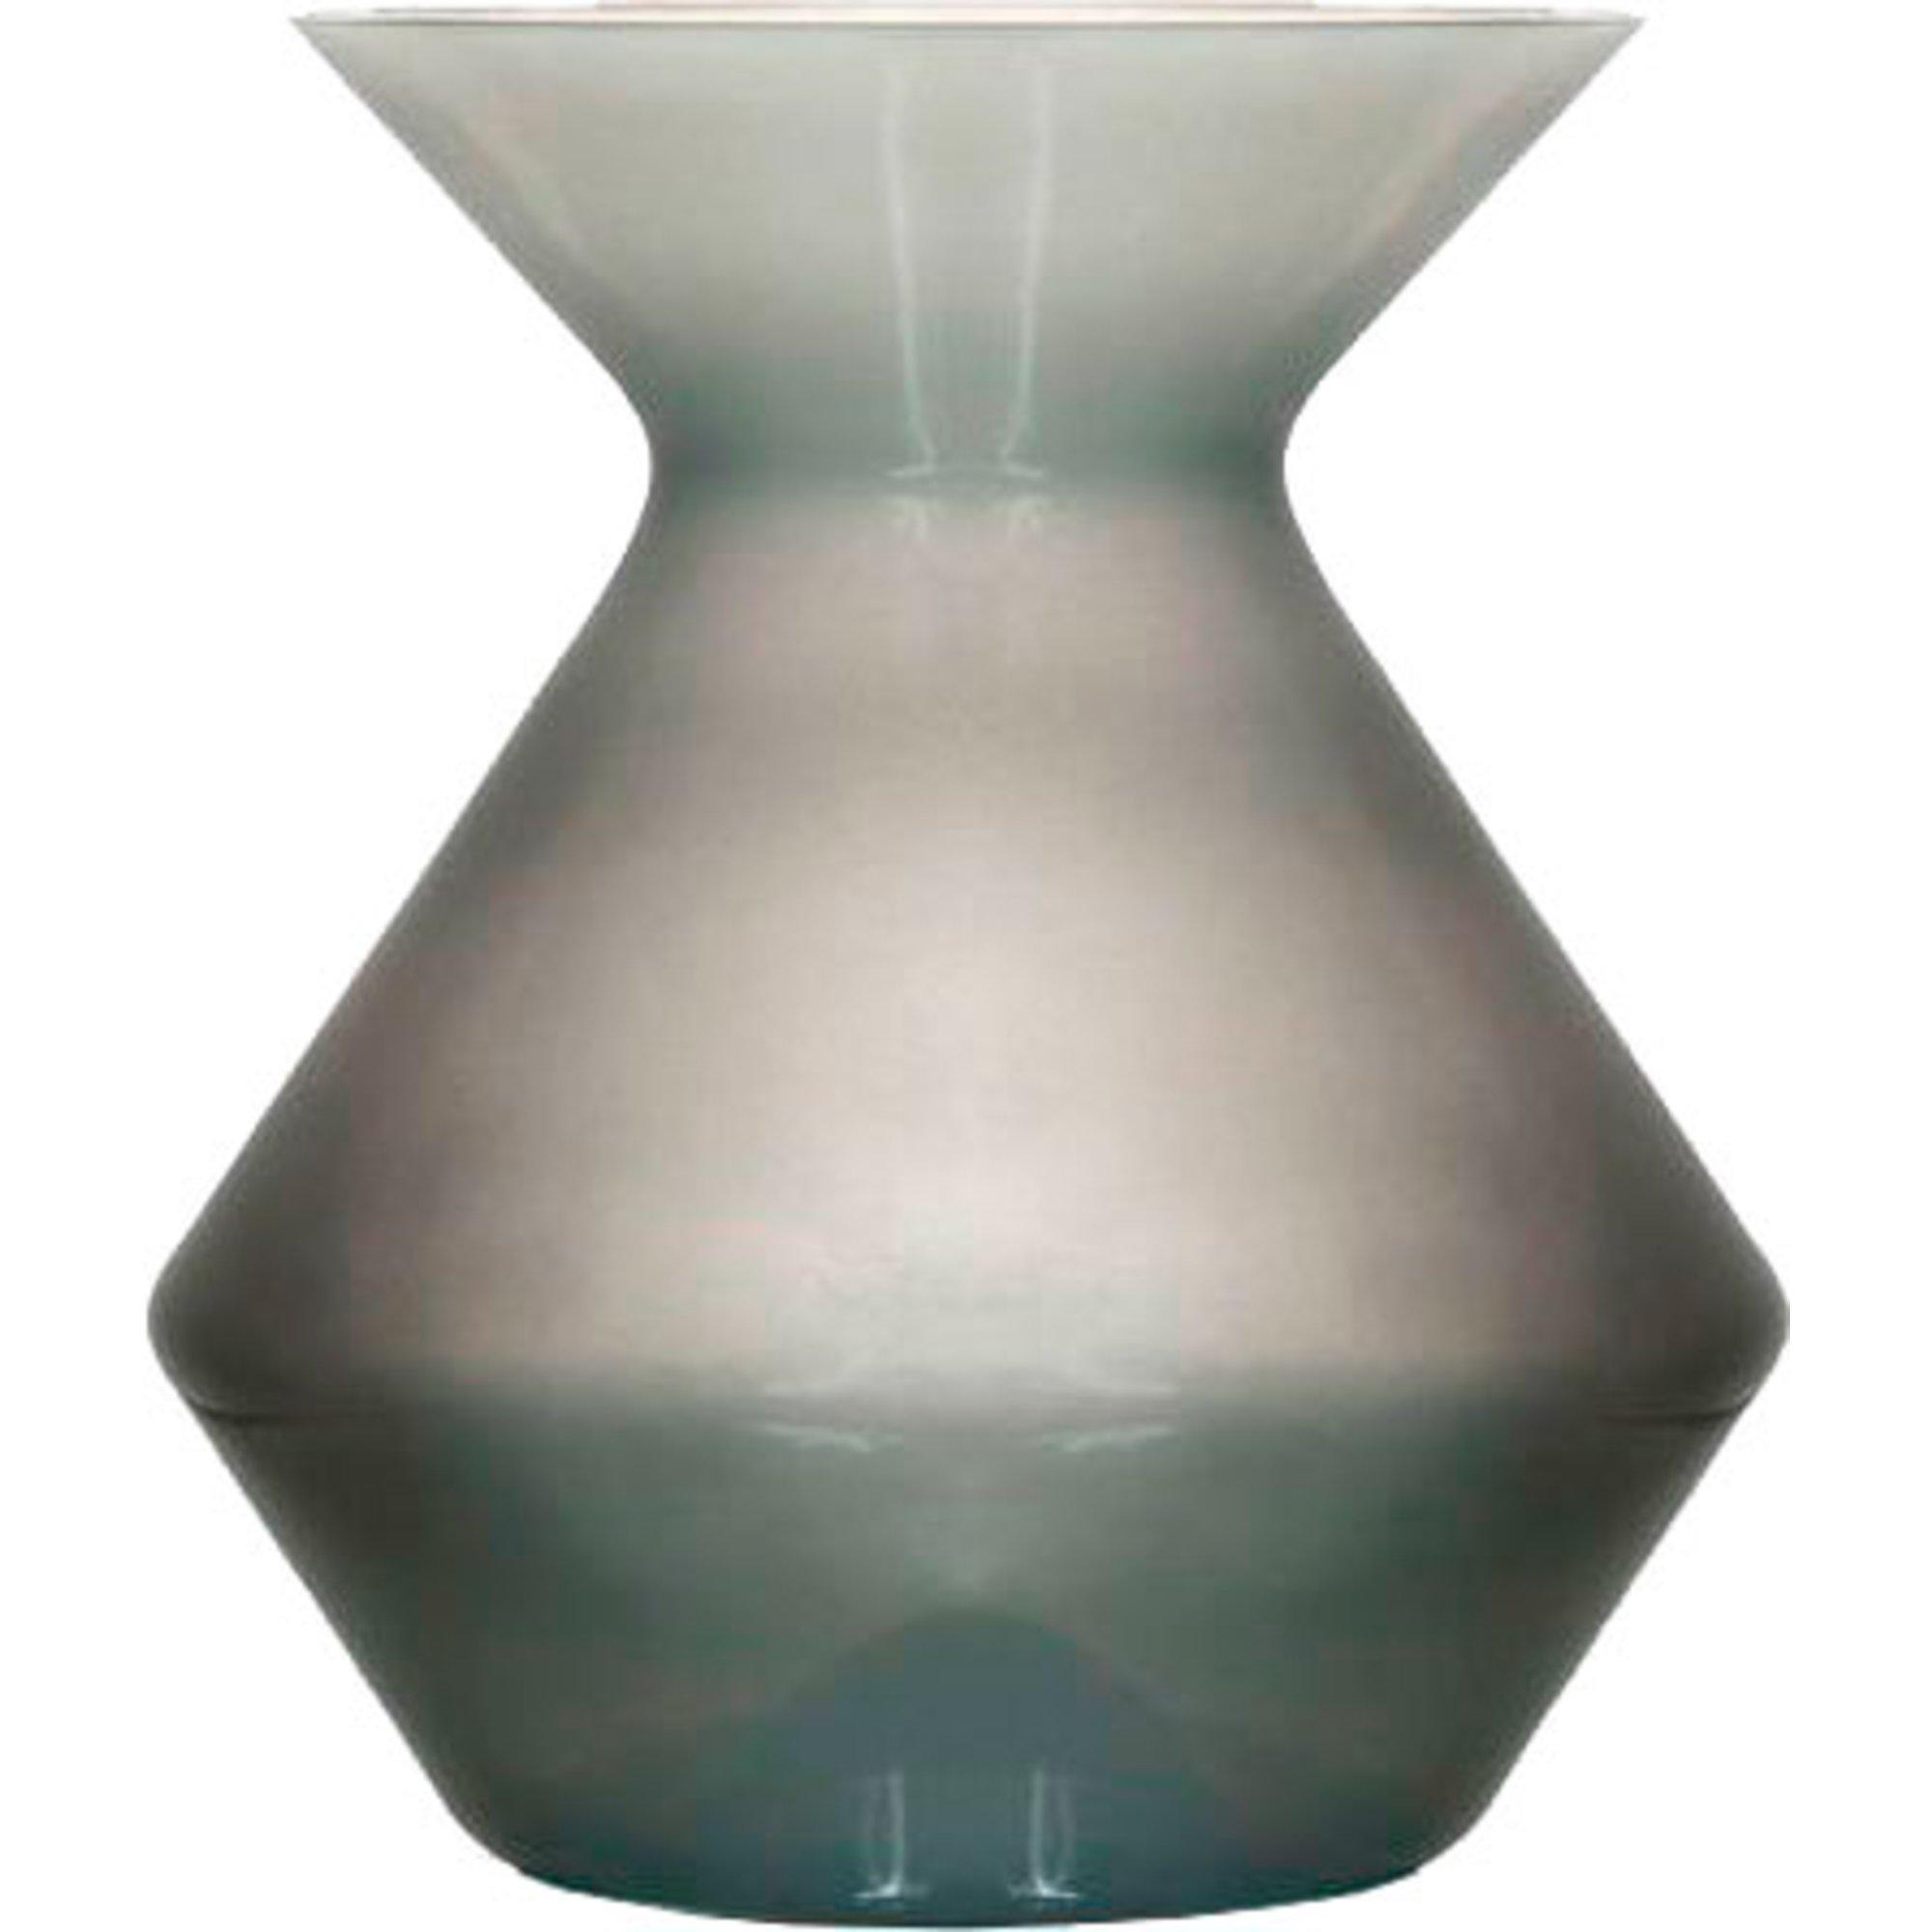 Zalto Spittoon 50 spottkopp 610 ml. grå